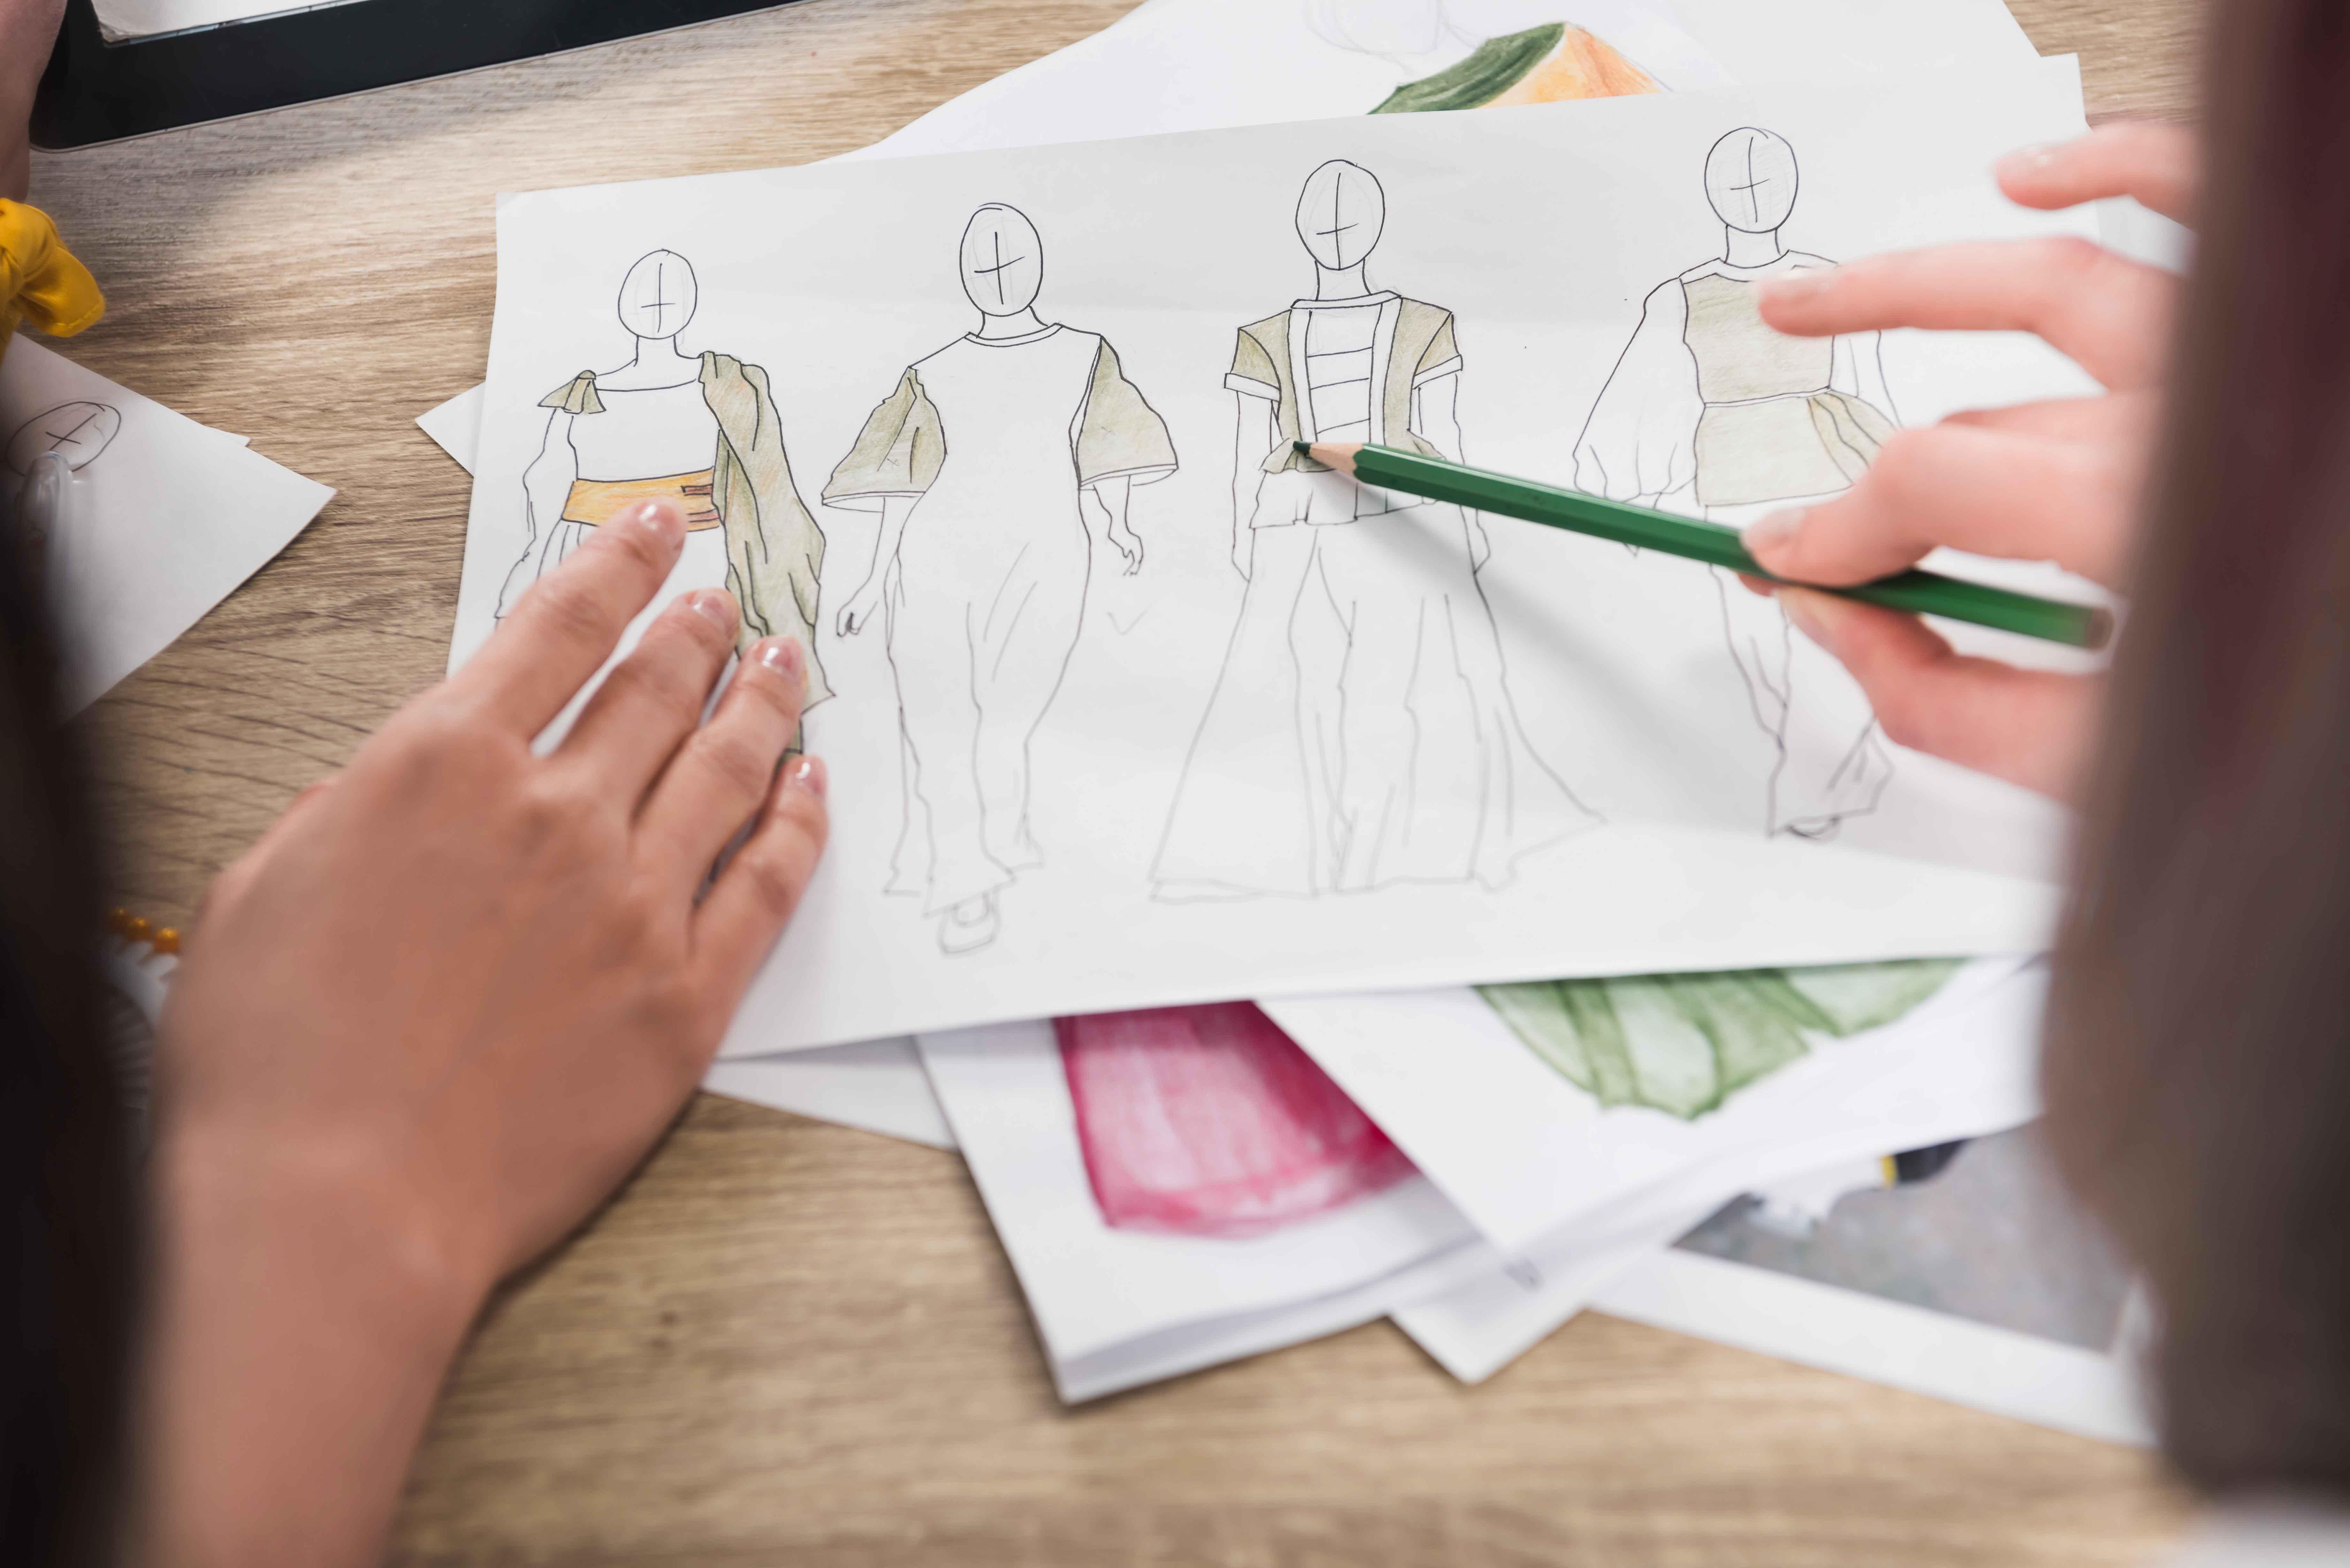 Diseños de ropa en un papel